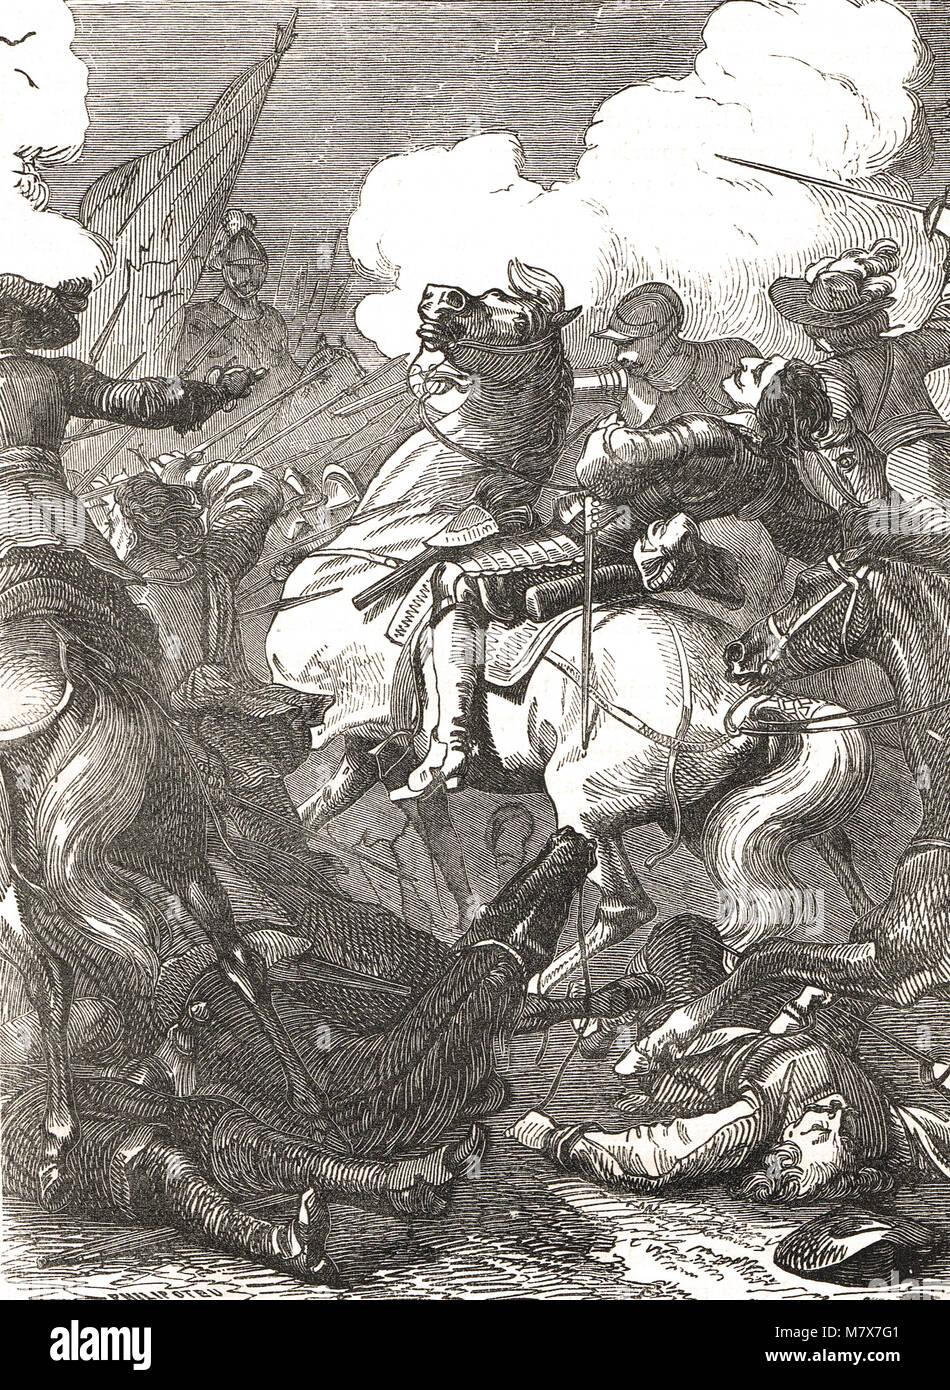 The Battle of Lützen, 16 November 1632 - Stock Image